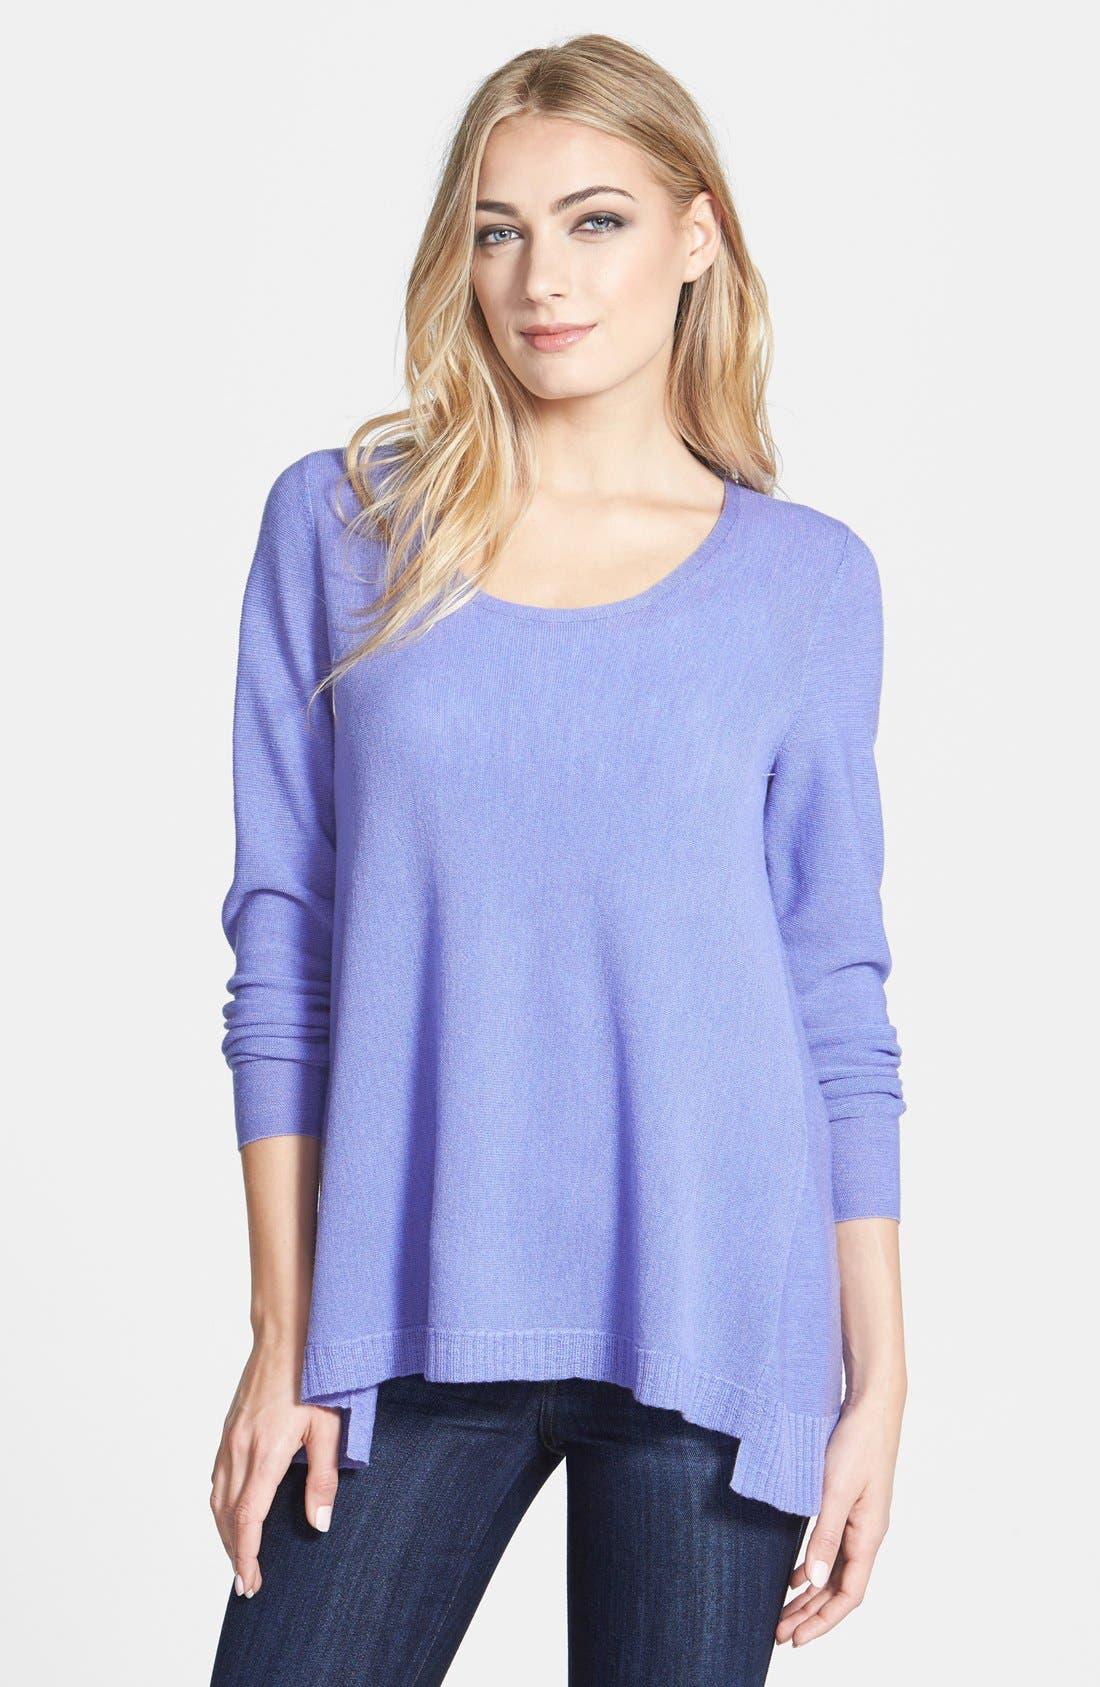 Main Image - Eileen Fisher Scoop Neck Merino Sweater (Regular & Petite)